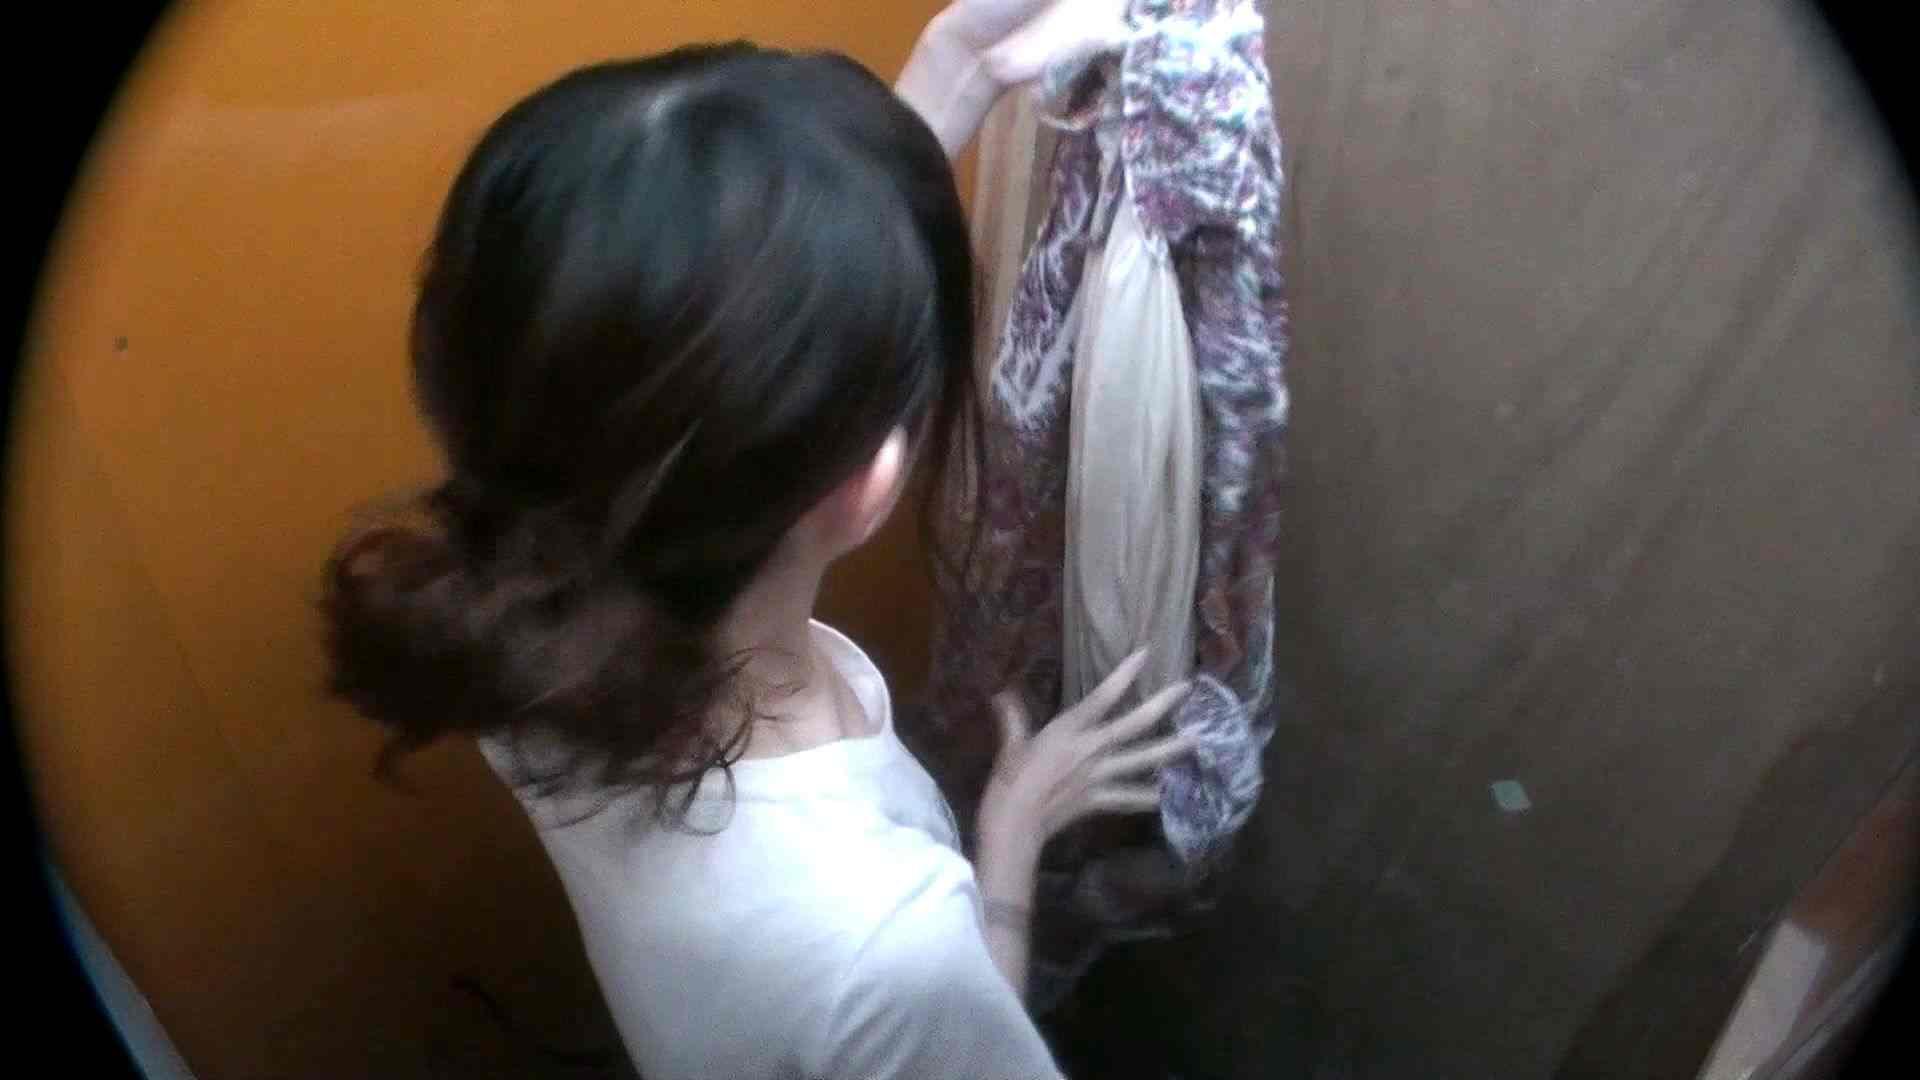 シャワールームは超!!危険な香りVol.29 こっちを向いて欲しい貧乳姉さん 貧乳 AV動画キャプチャ 78pic 7